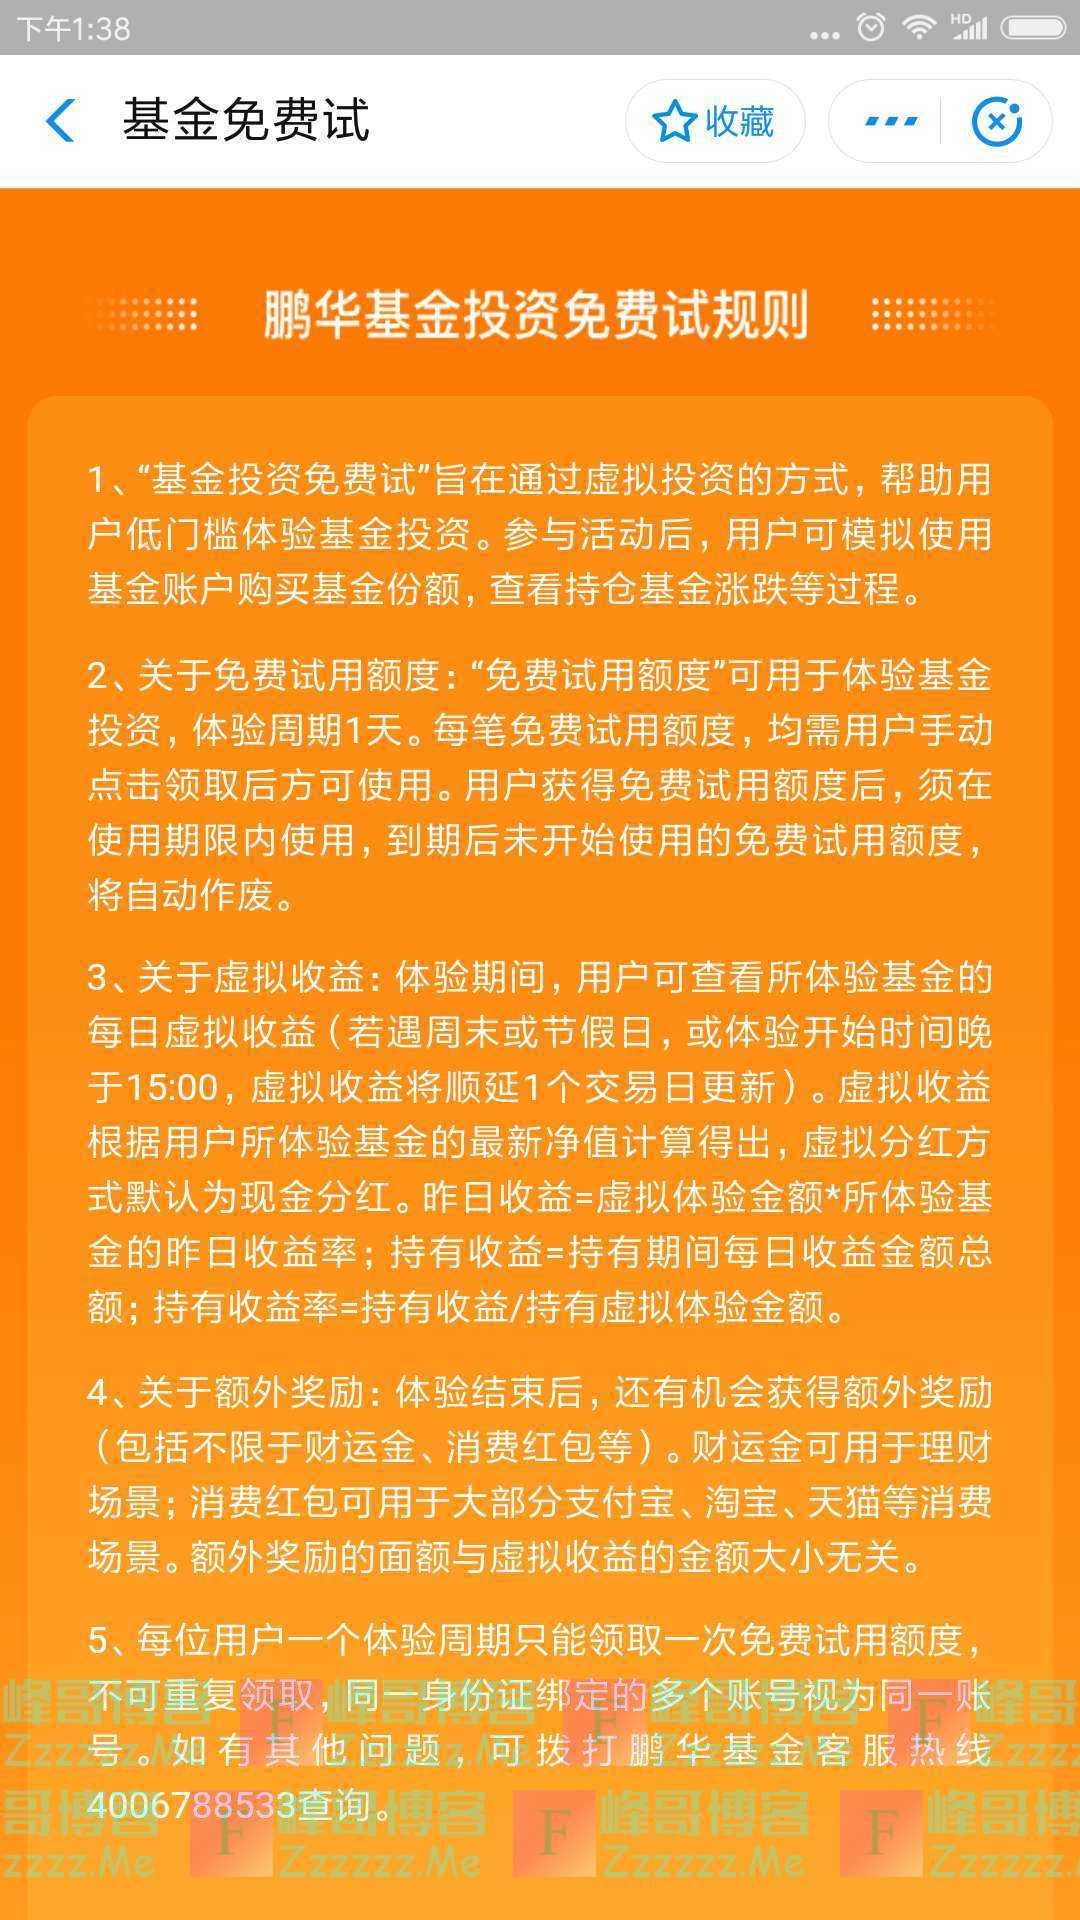 鹏华基金基金投资免费试 抽锦鲤瓜分1880元(截止不详)